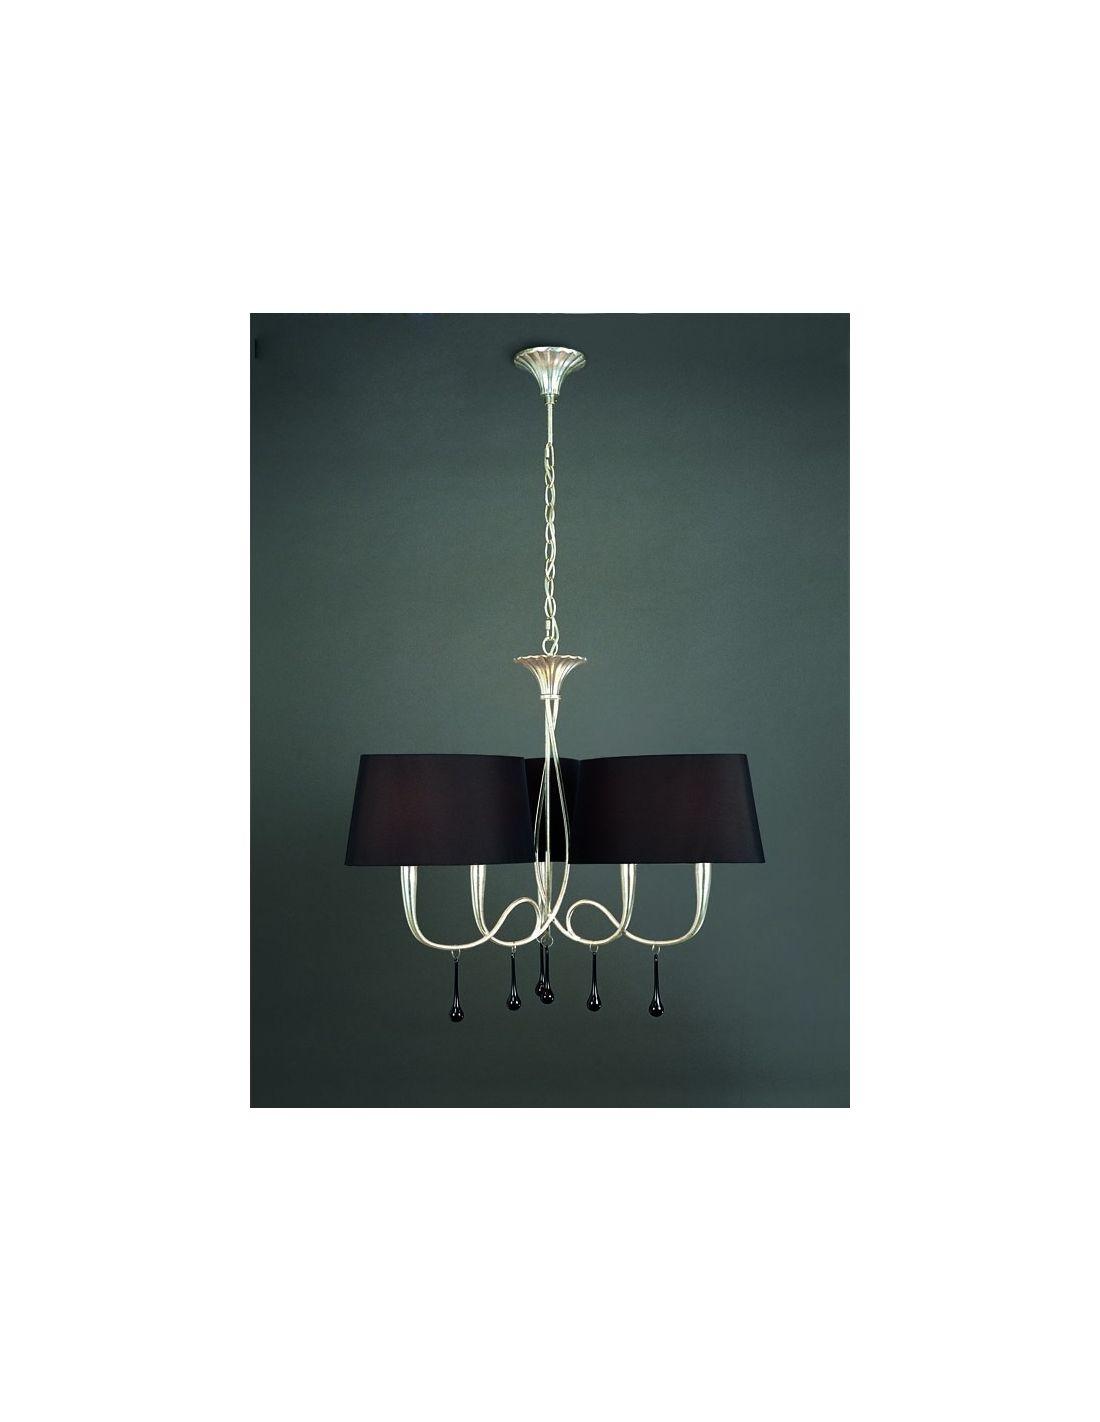 Lamparas modernas lamparas mantra lamparas doradas - Lampara de arana moderna ...